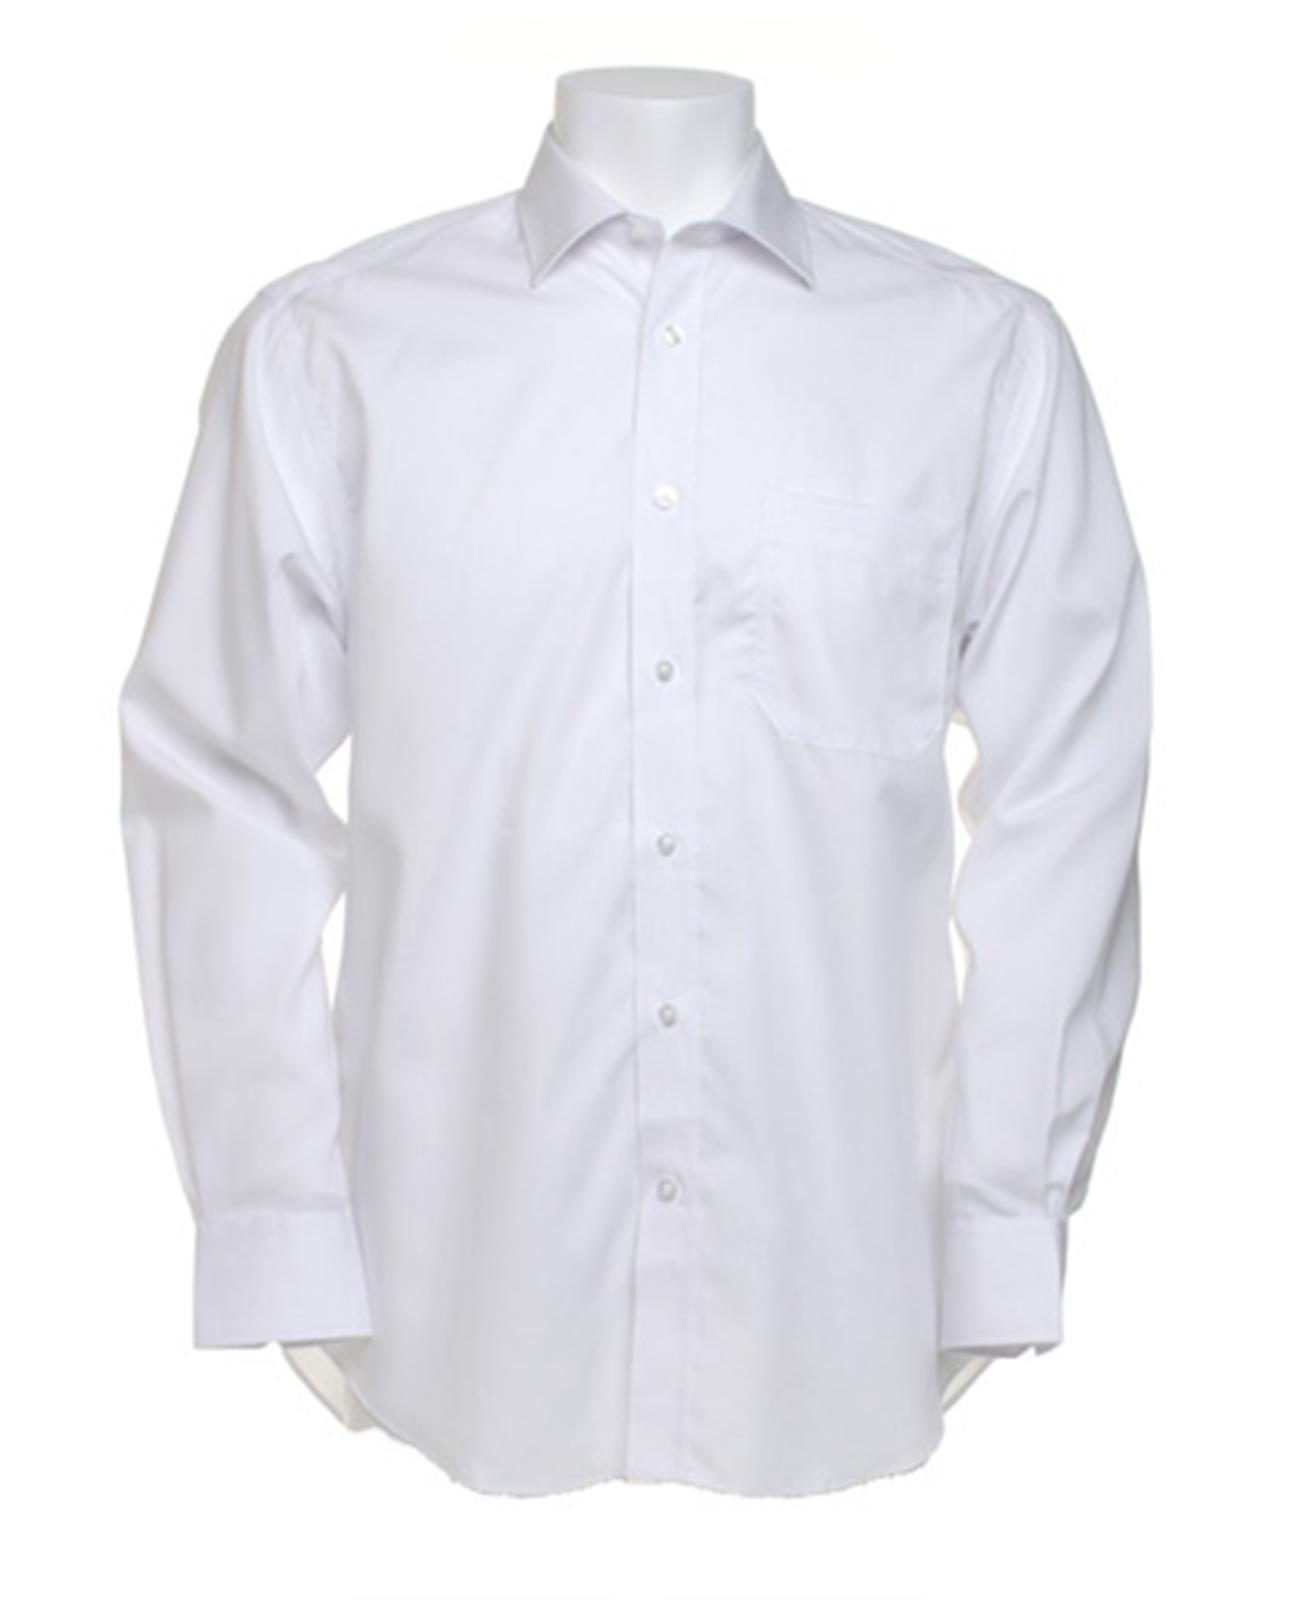 NUOVO Kustom Kit Premium Camicia aziendale a maniche lunghe in 2 colori 145-185